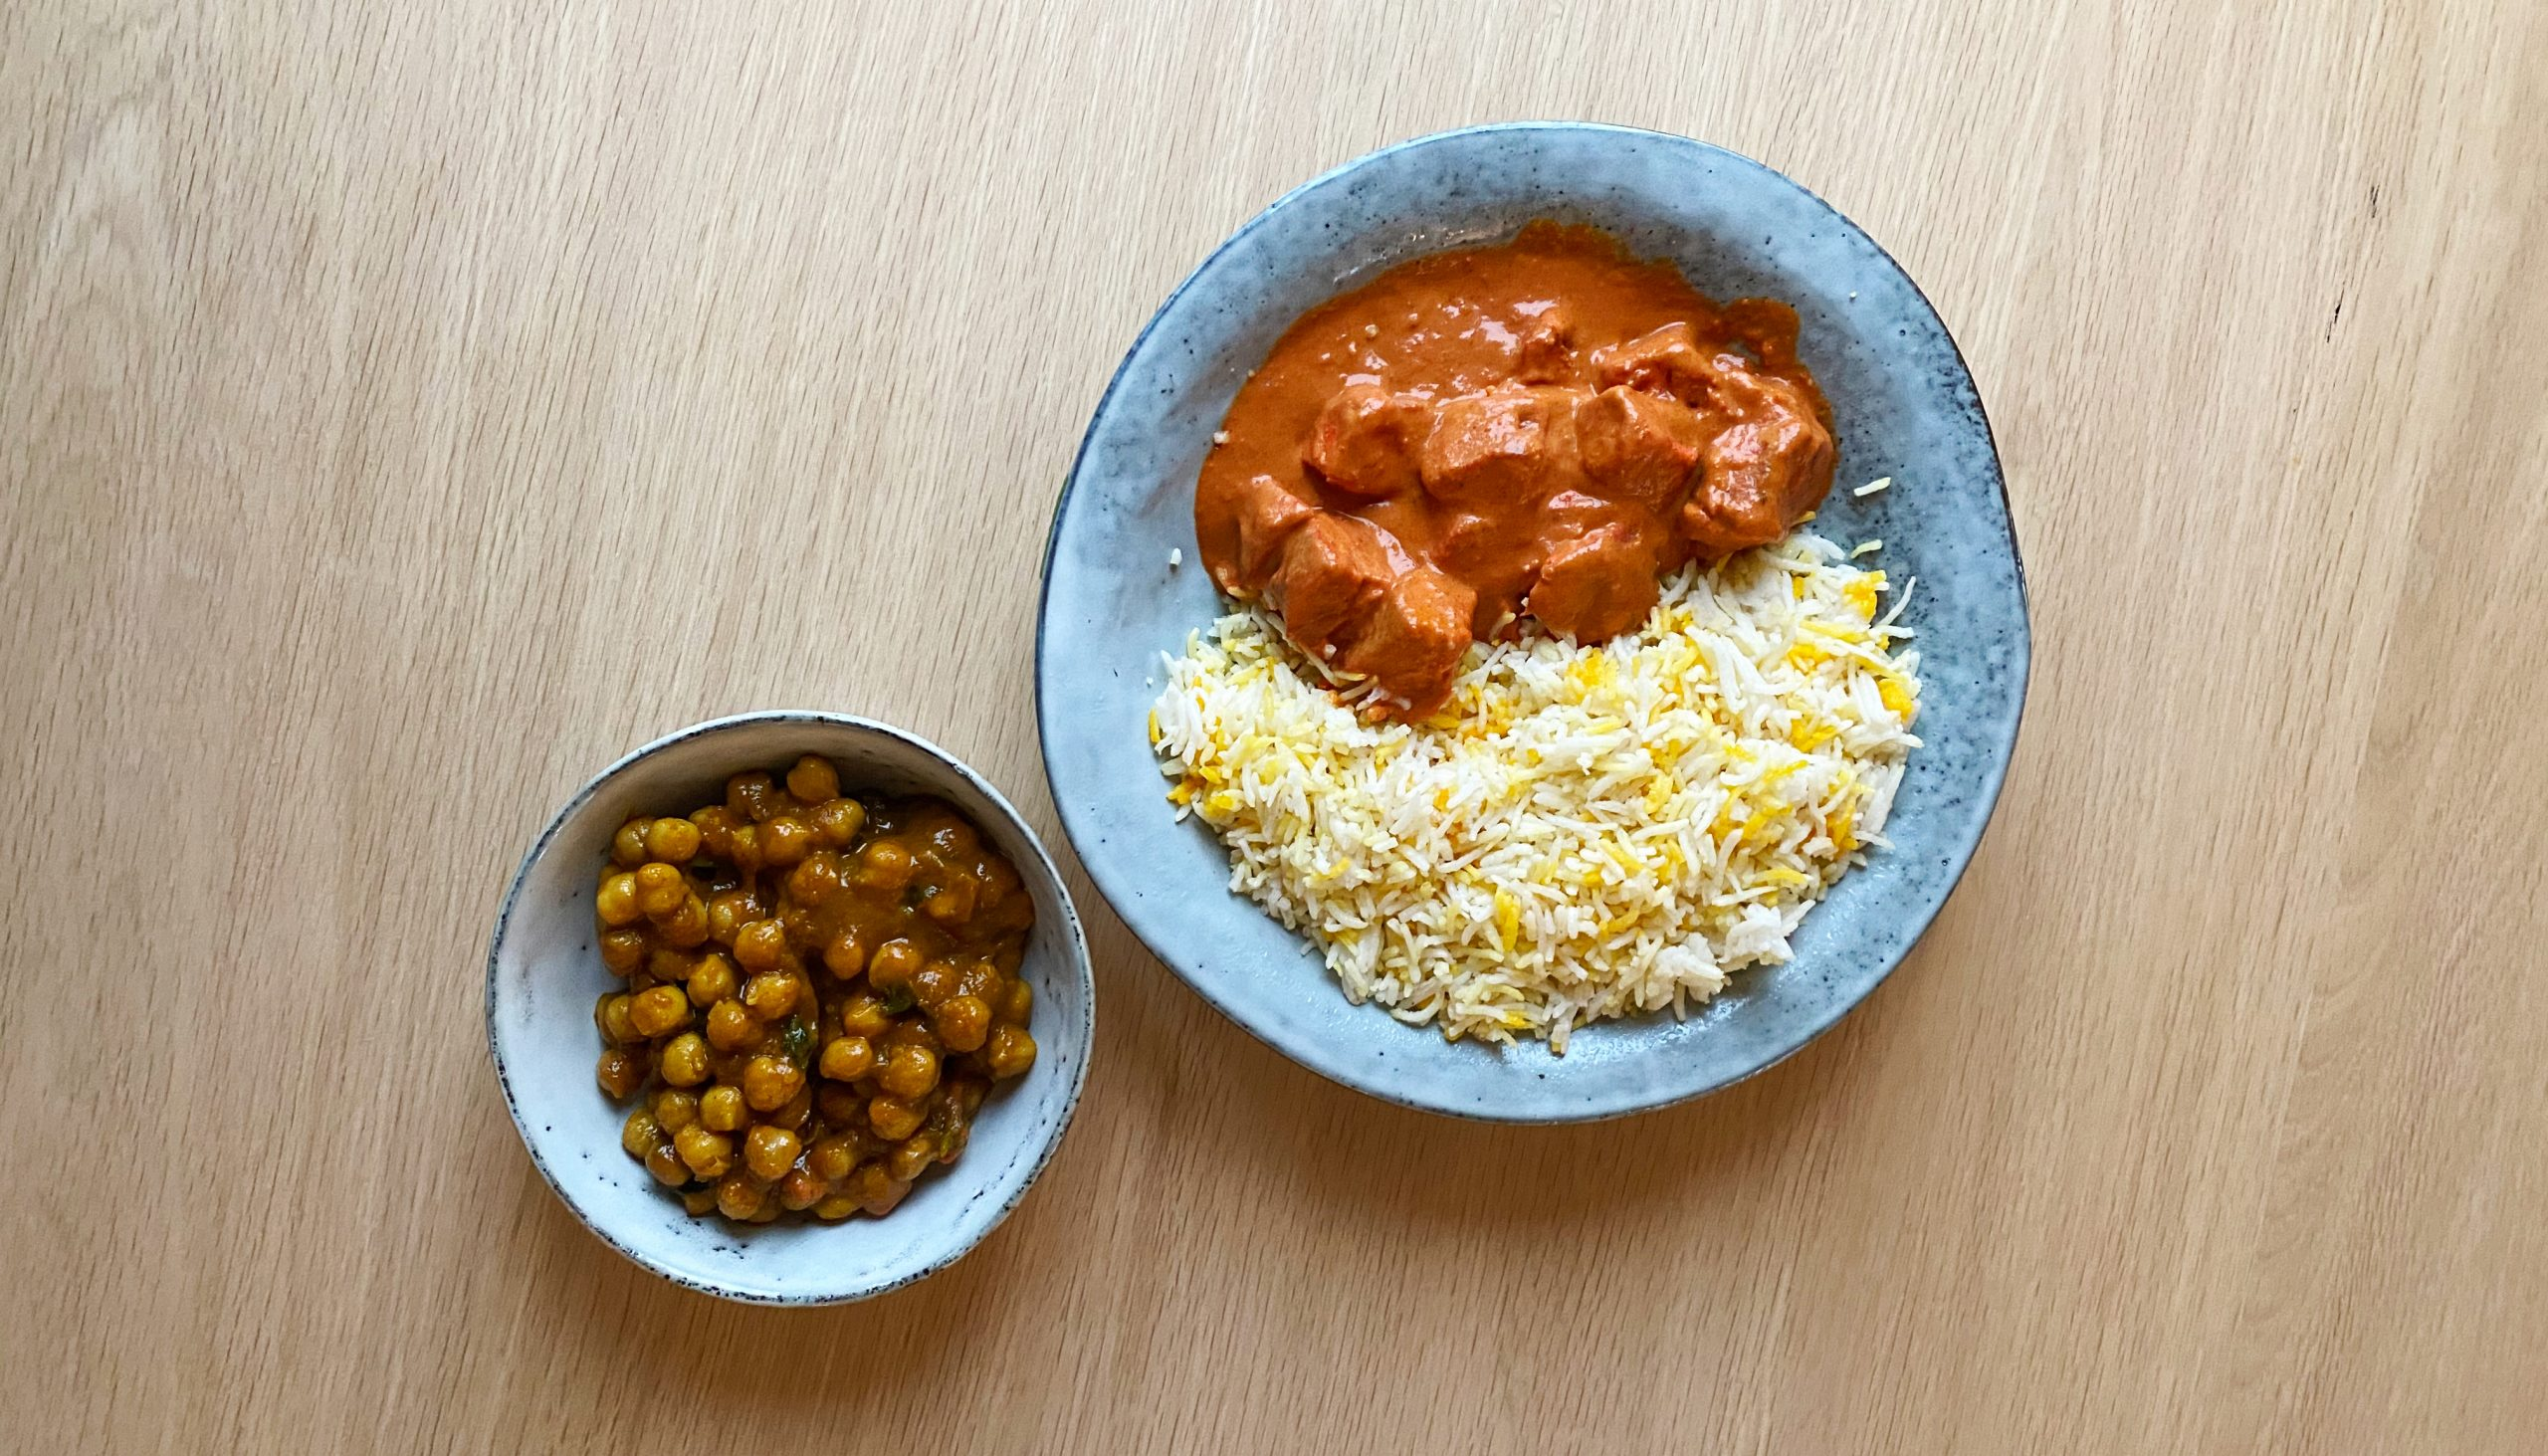 Hovedretter til 65 kr: Nem og billig aftensmad i denne uge med Asian Week